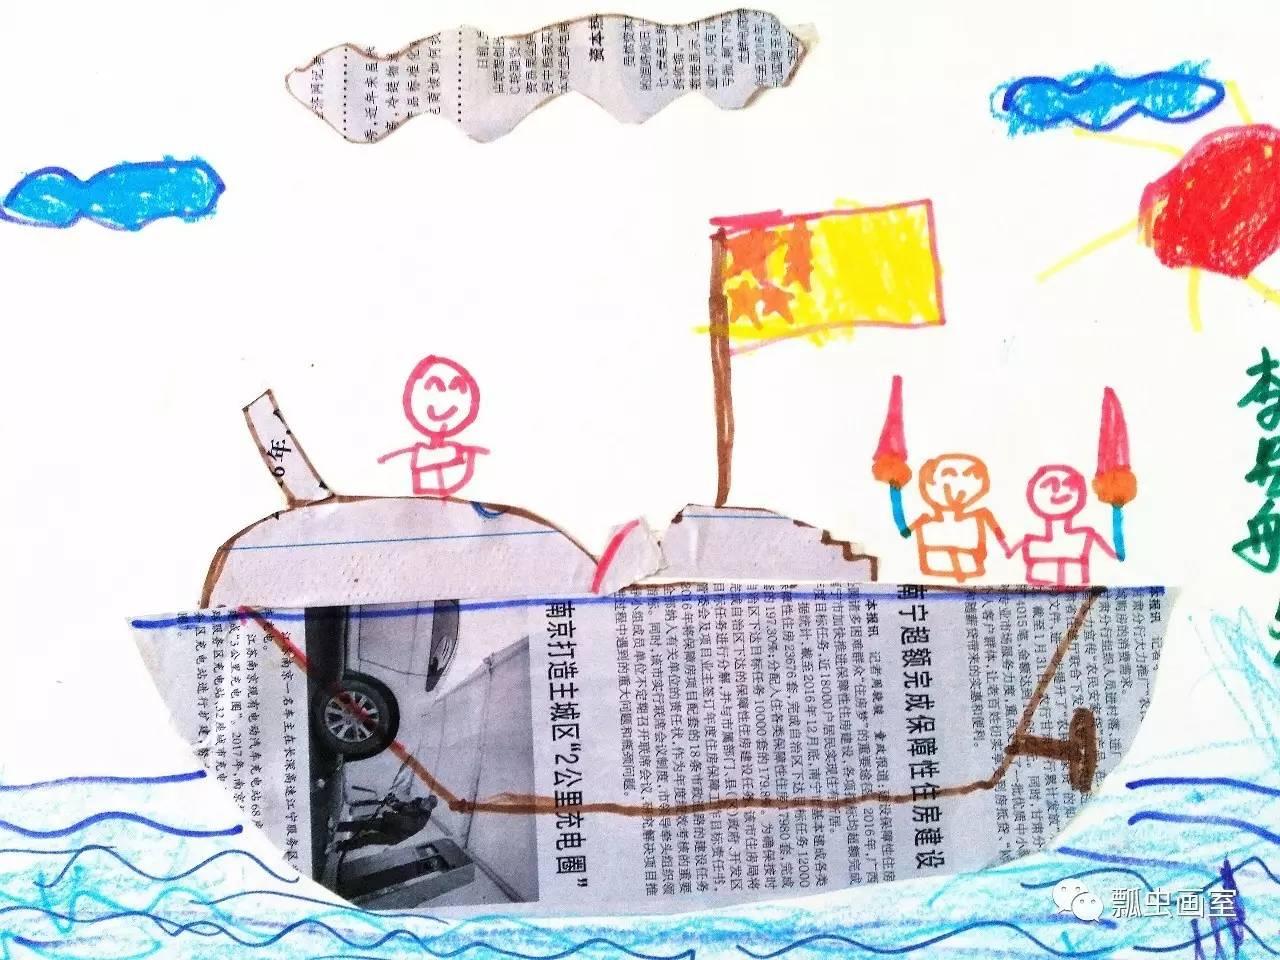 报纸剪贴画: 低幼班:(4-5岁) 【瓢虫画室】在大大的,大大的.